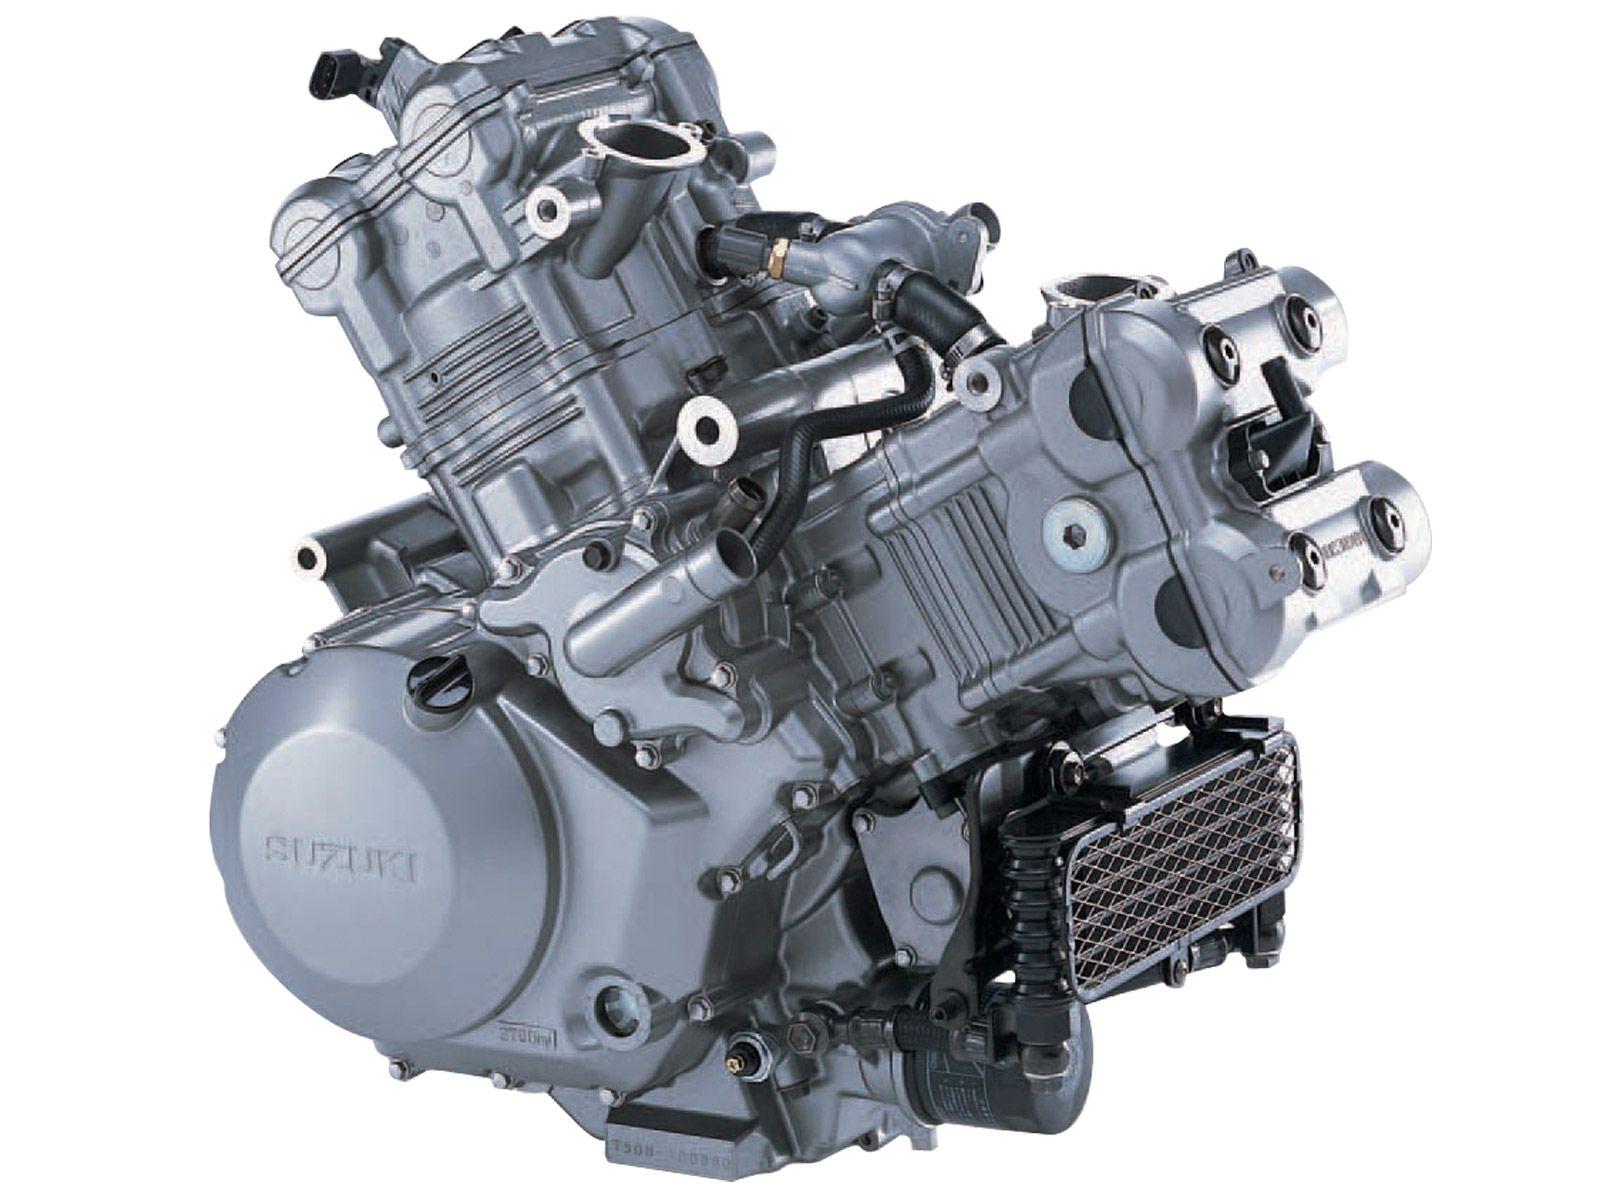 Suzuki-motorcycle-engines | Motorcycle Engines | Suzuki